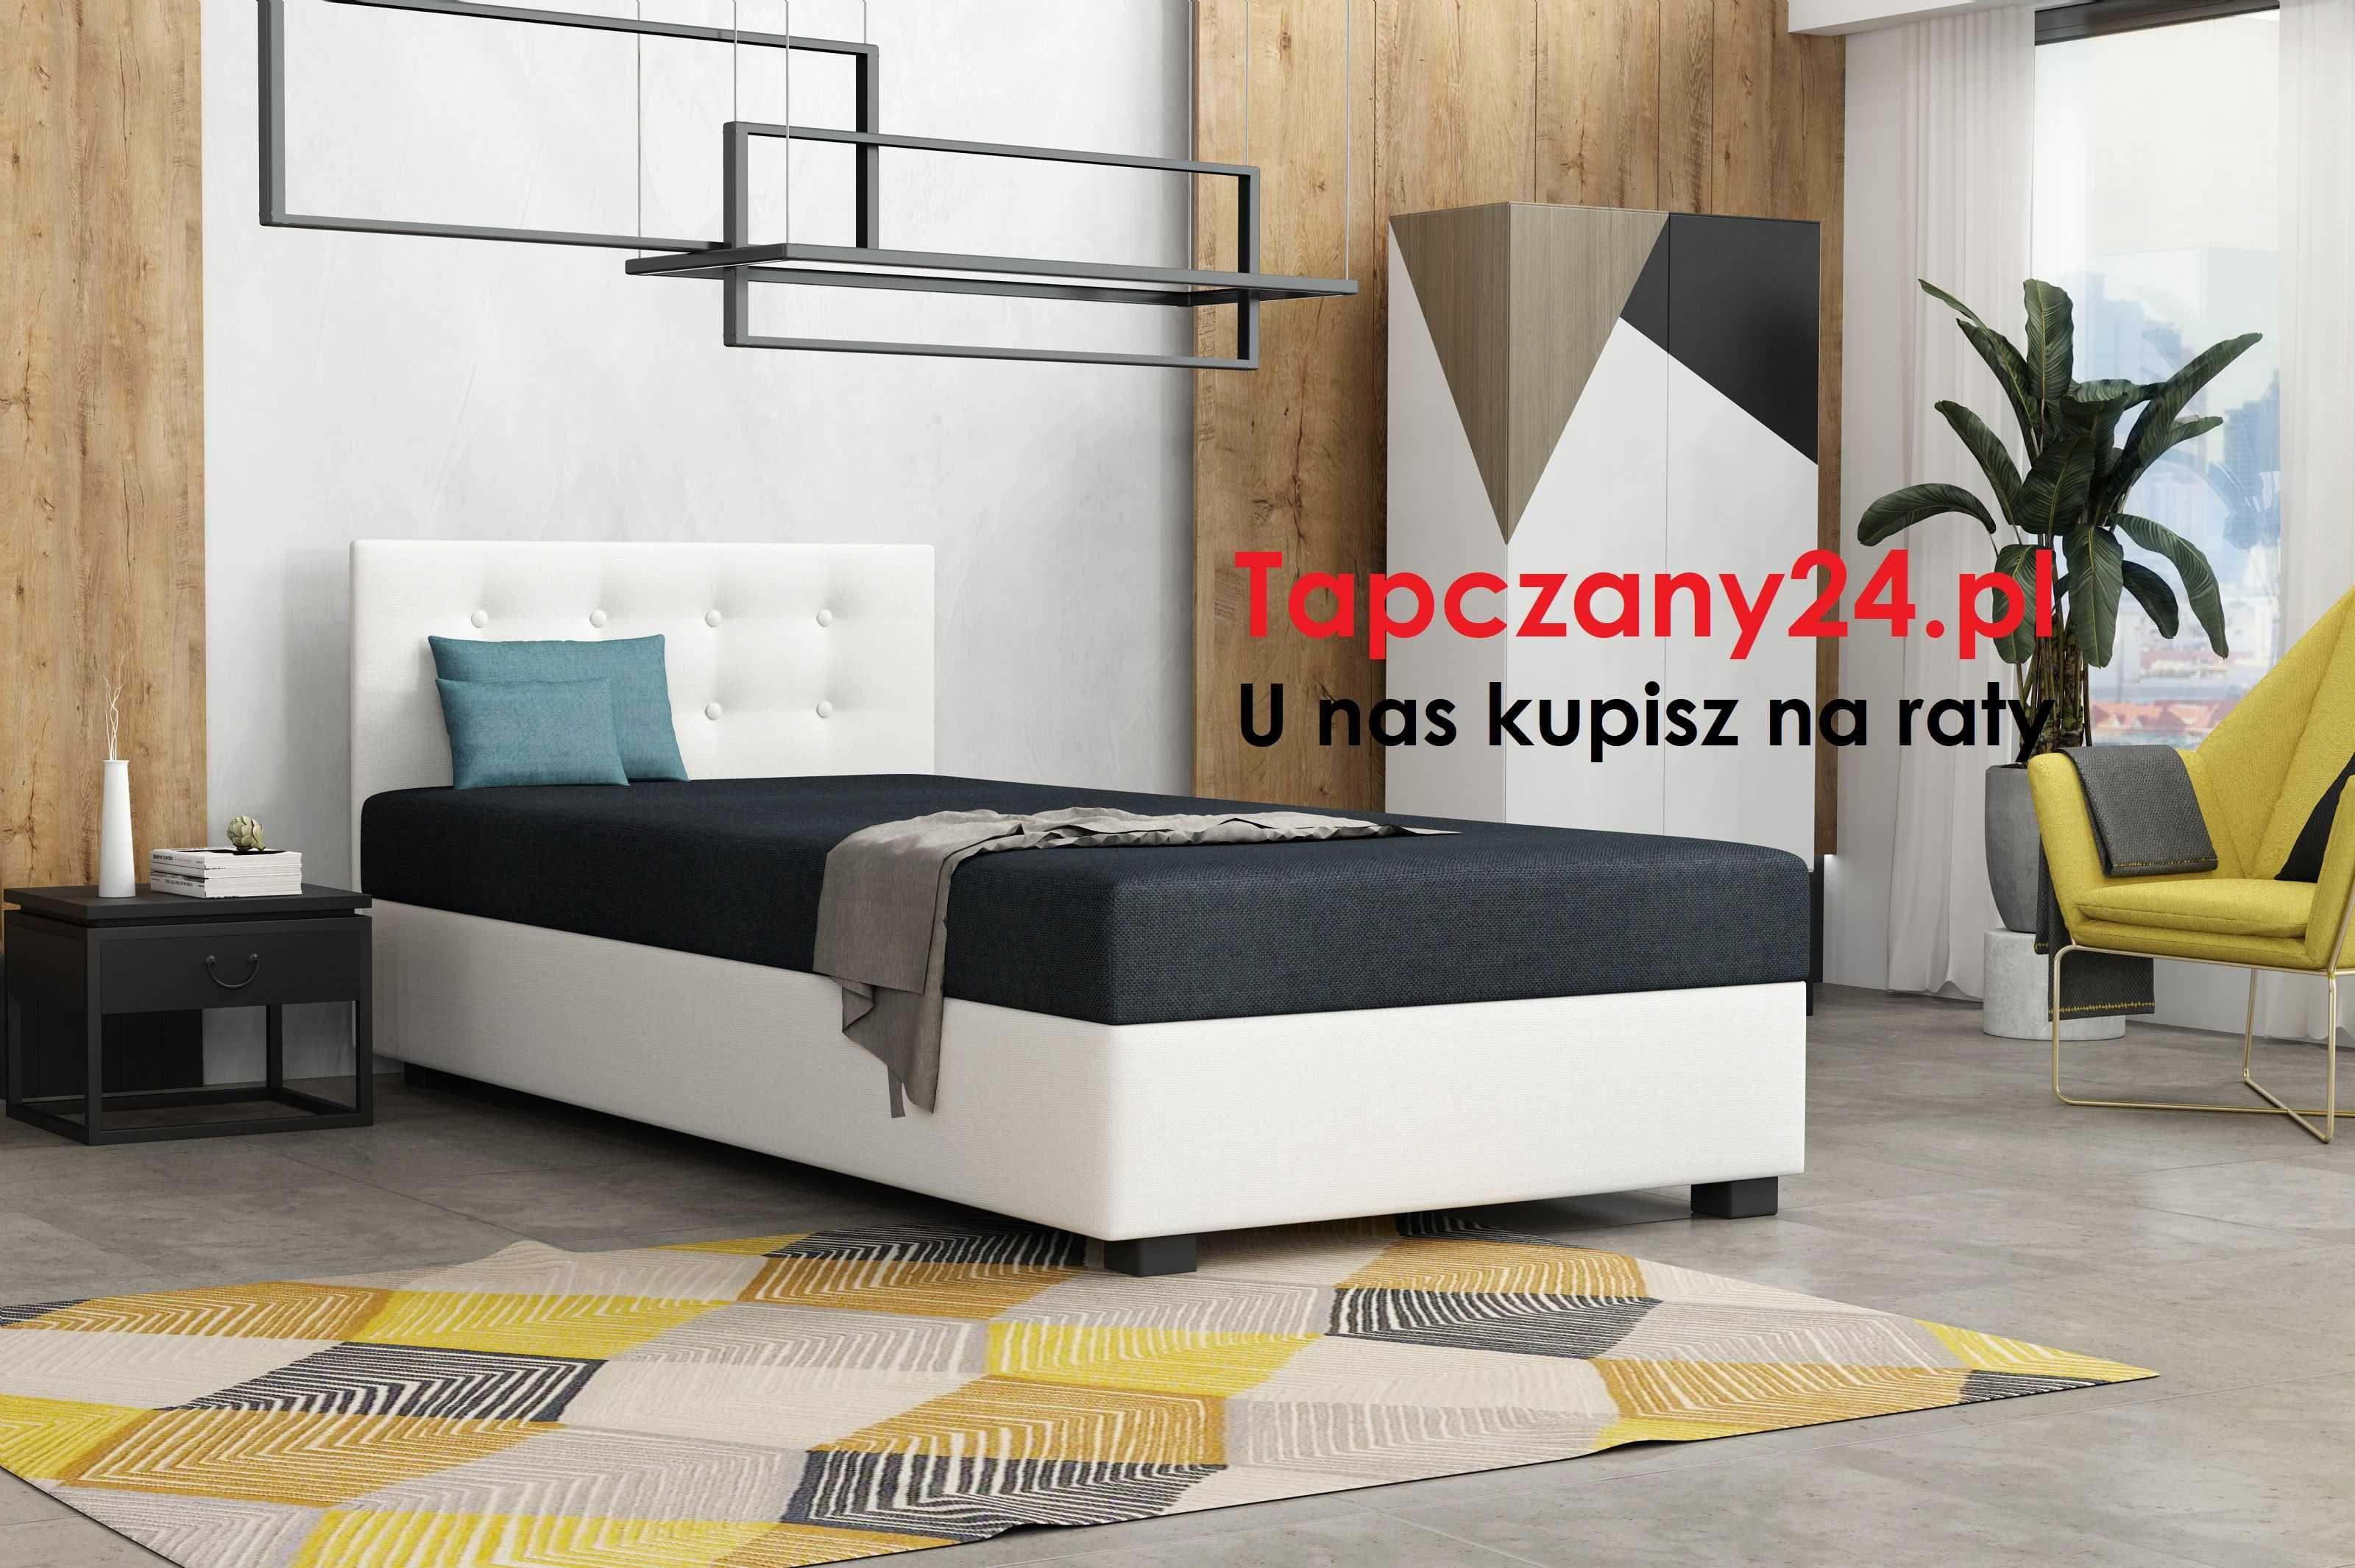 Tapczan młodzieżowy 80/90/100/110/120 Łóżko z pojemnikiem na pościel